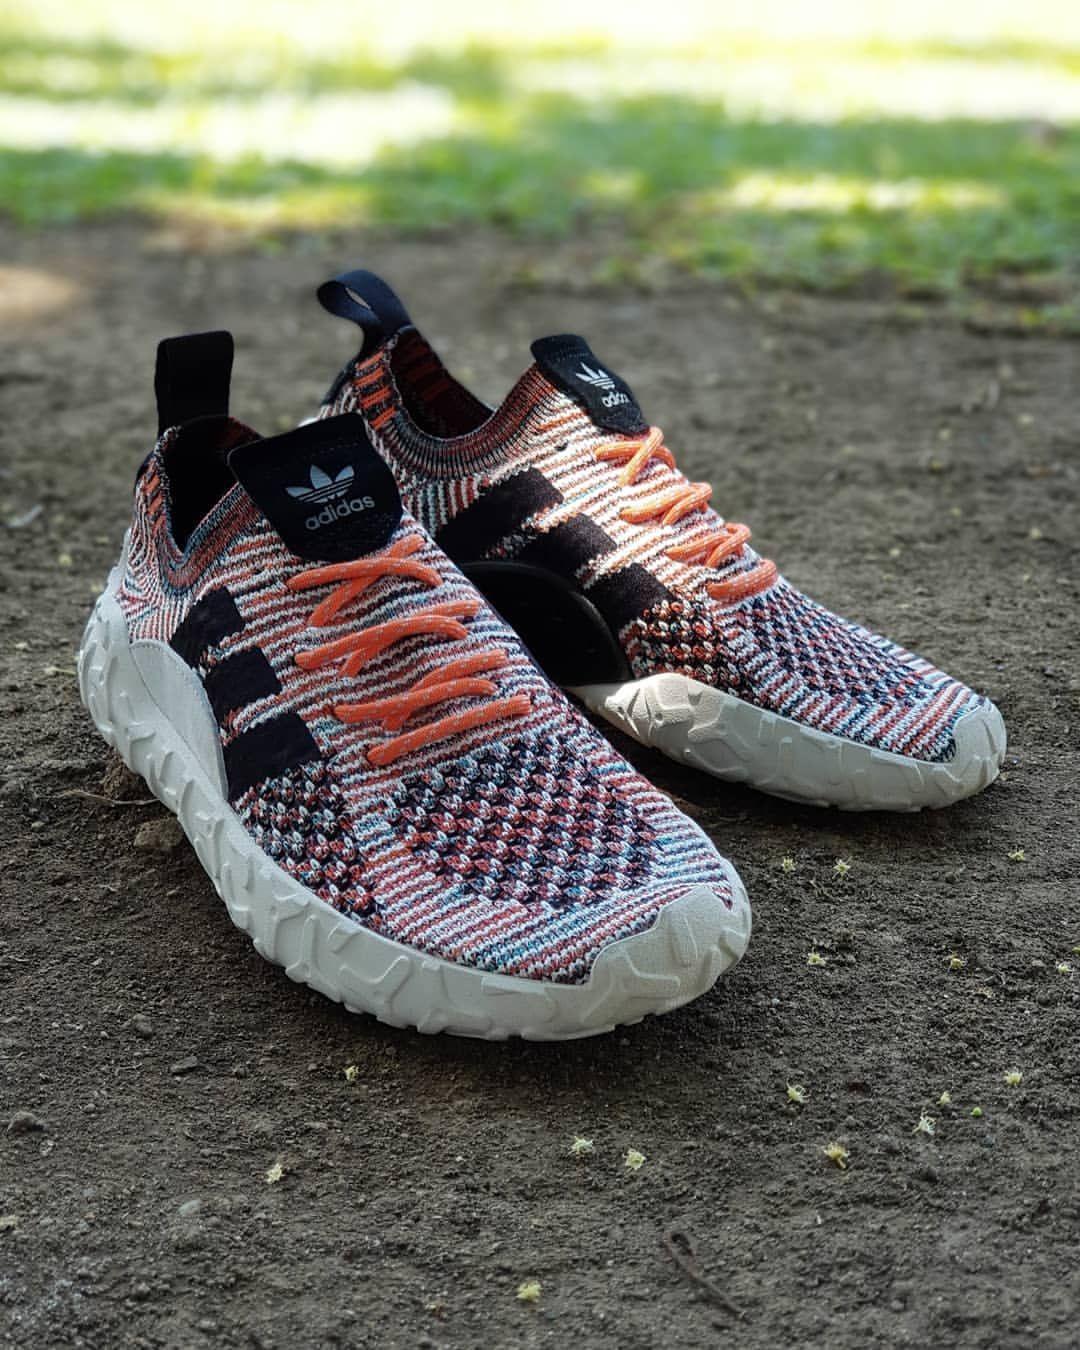 Scarpe da ginnastica Uomo | adidas Originals F22 Atric